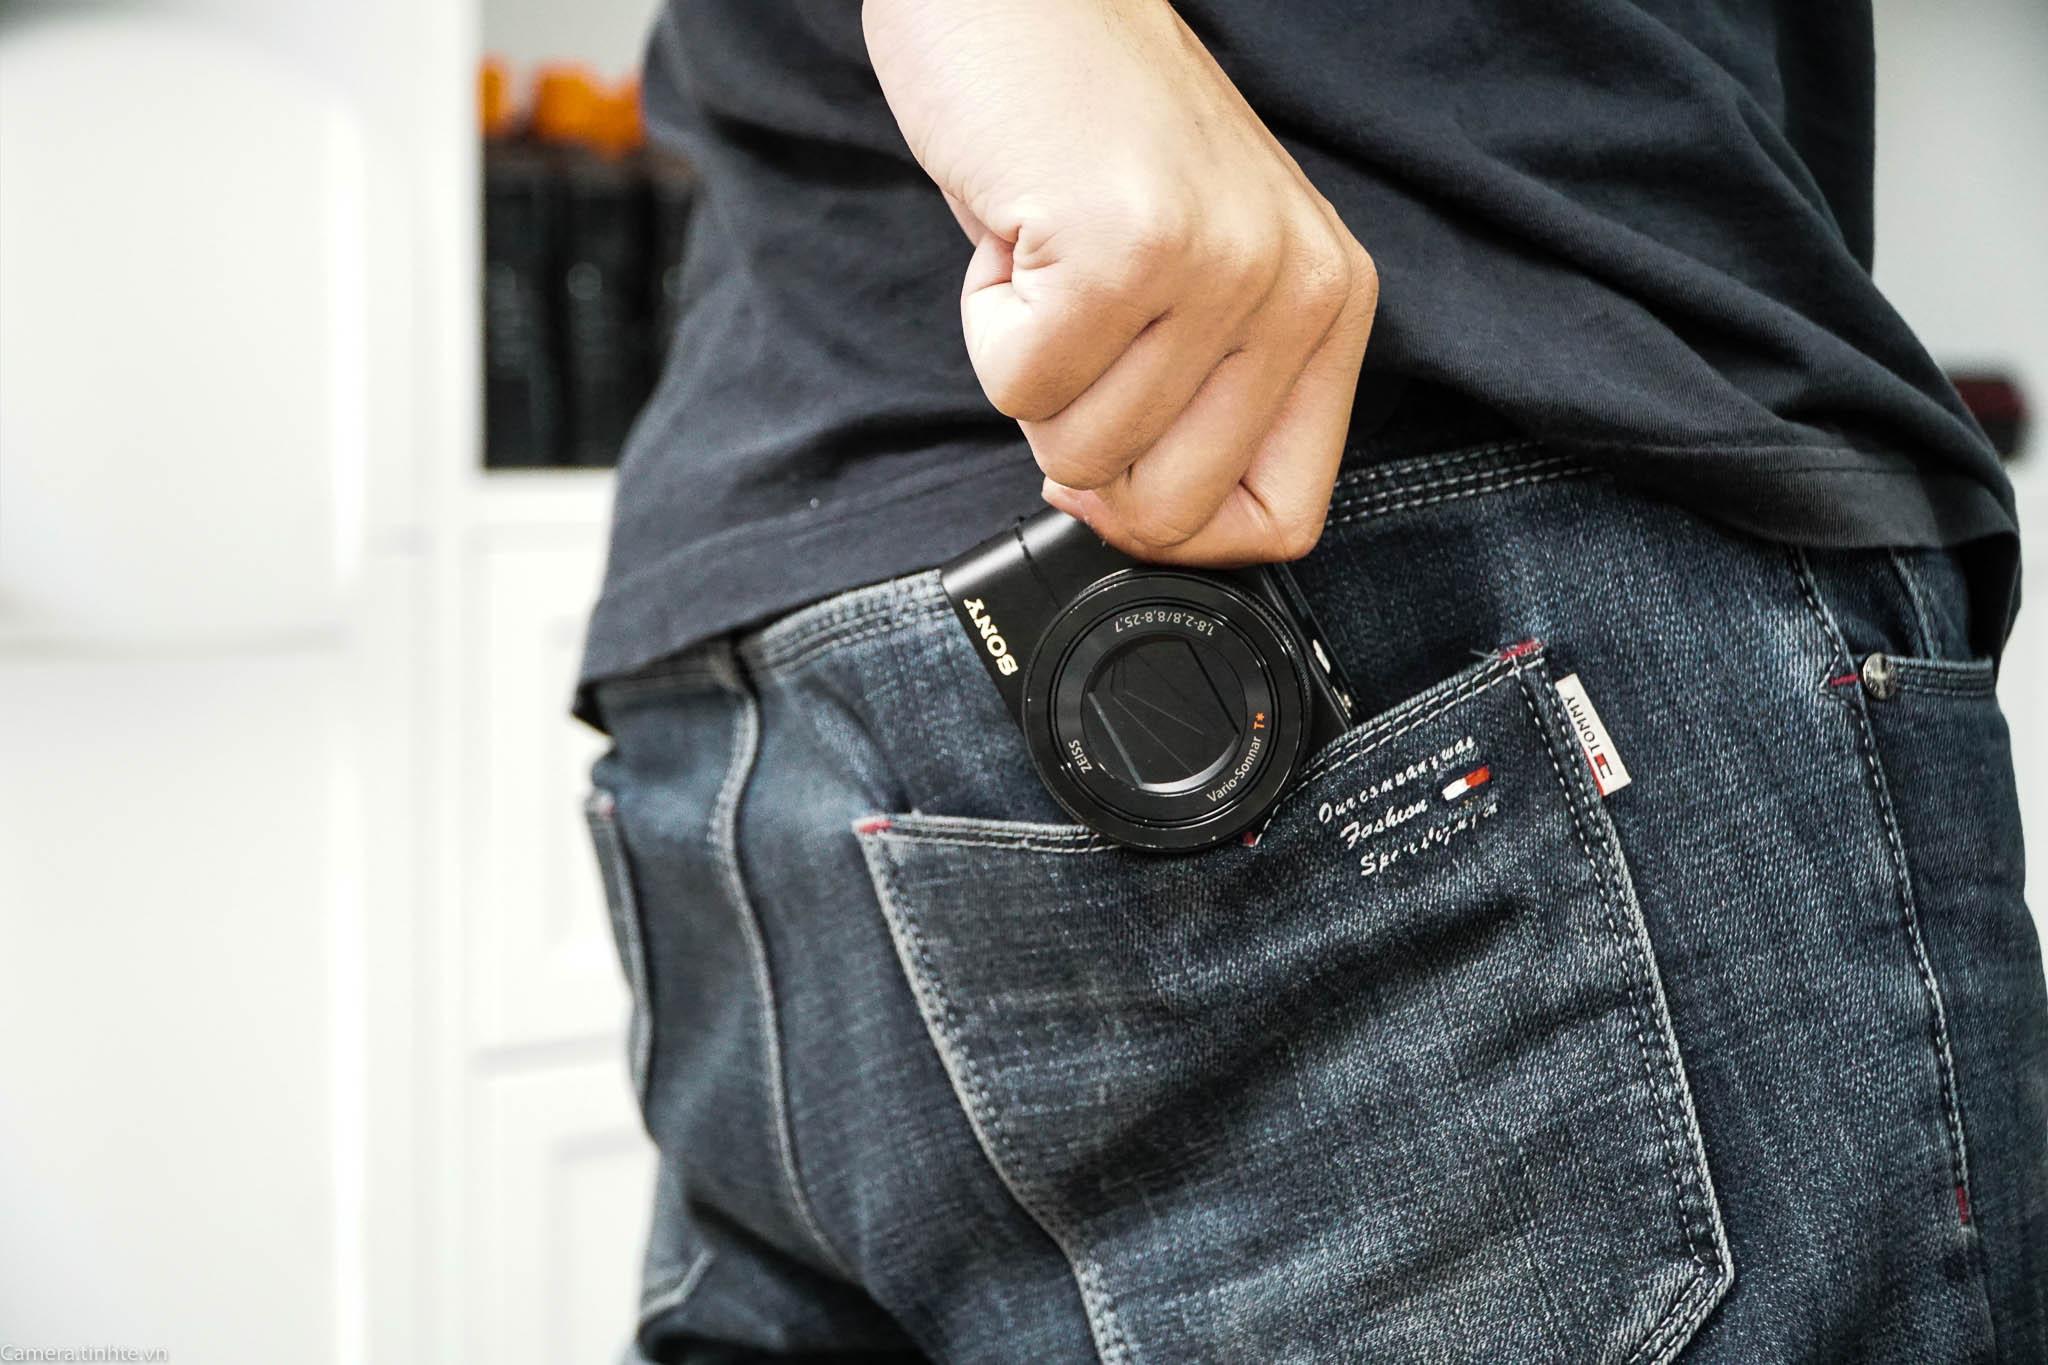 SONY RX100 V - Camera.tinhte.vn-5.jpg